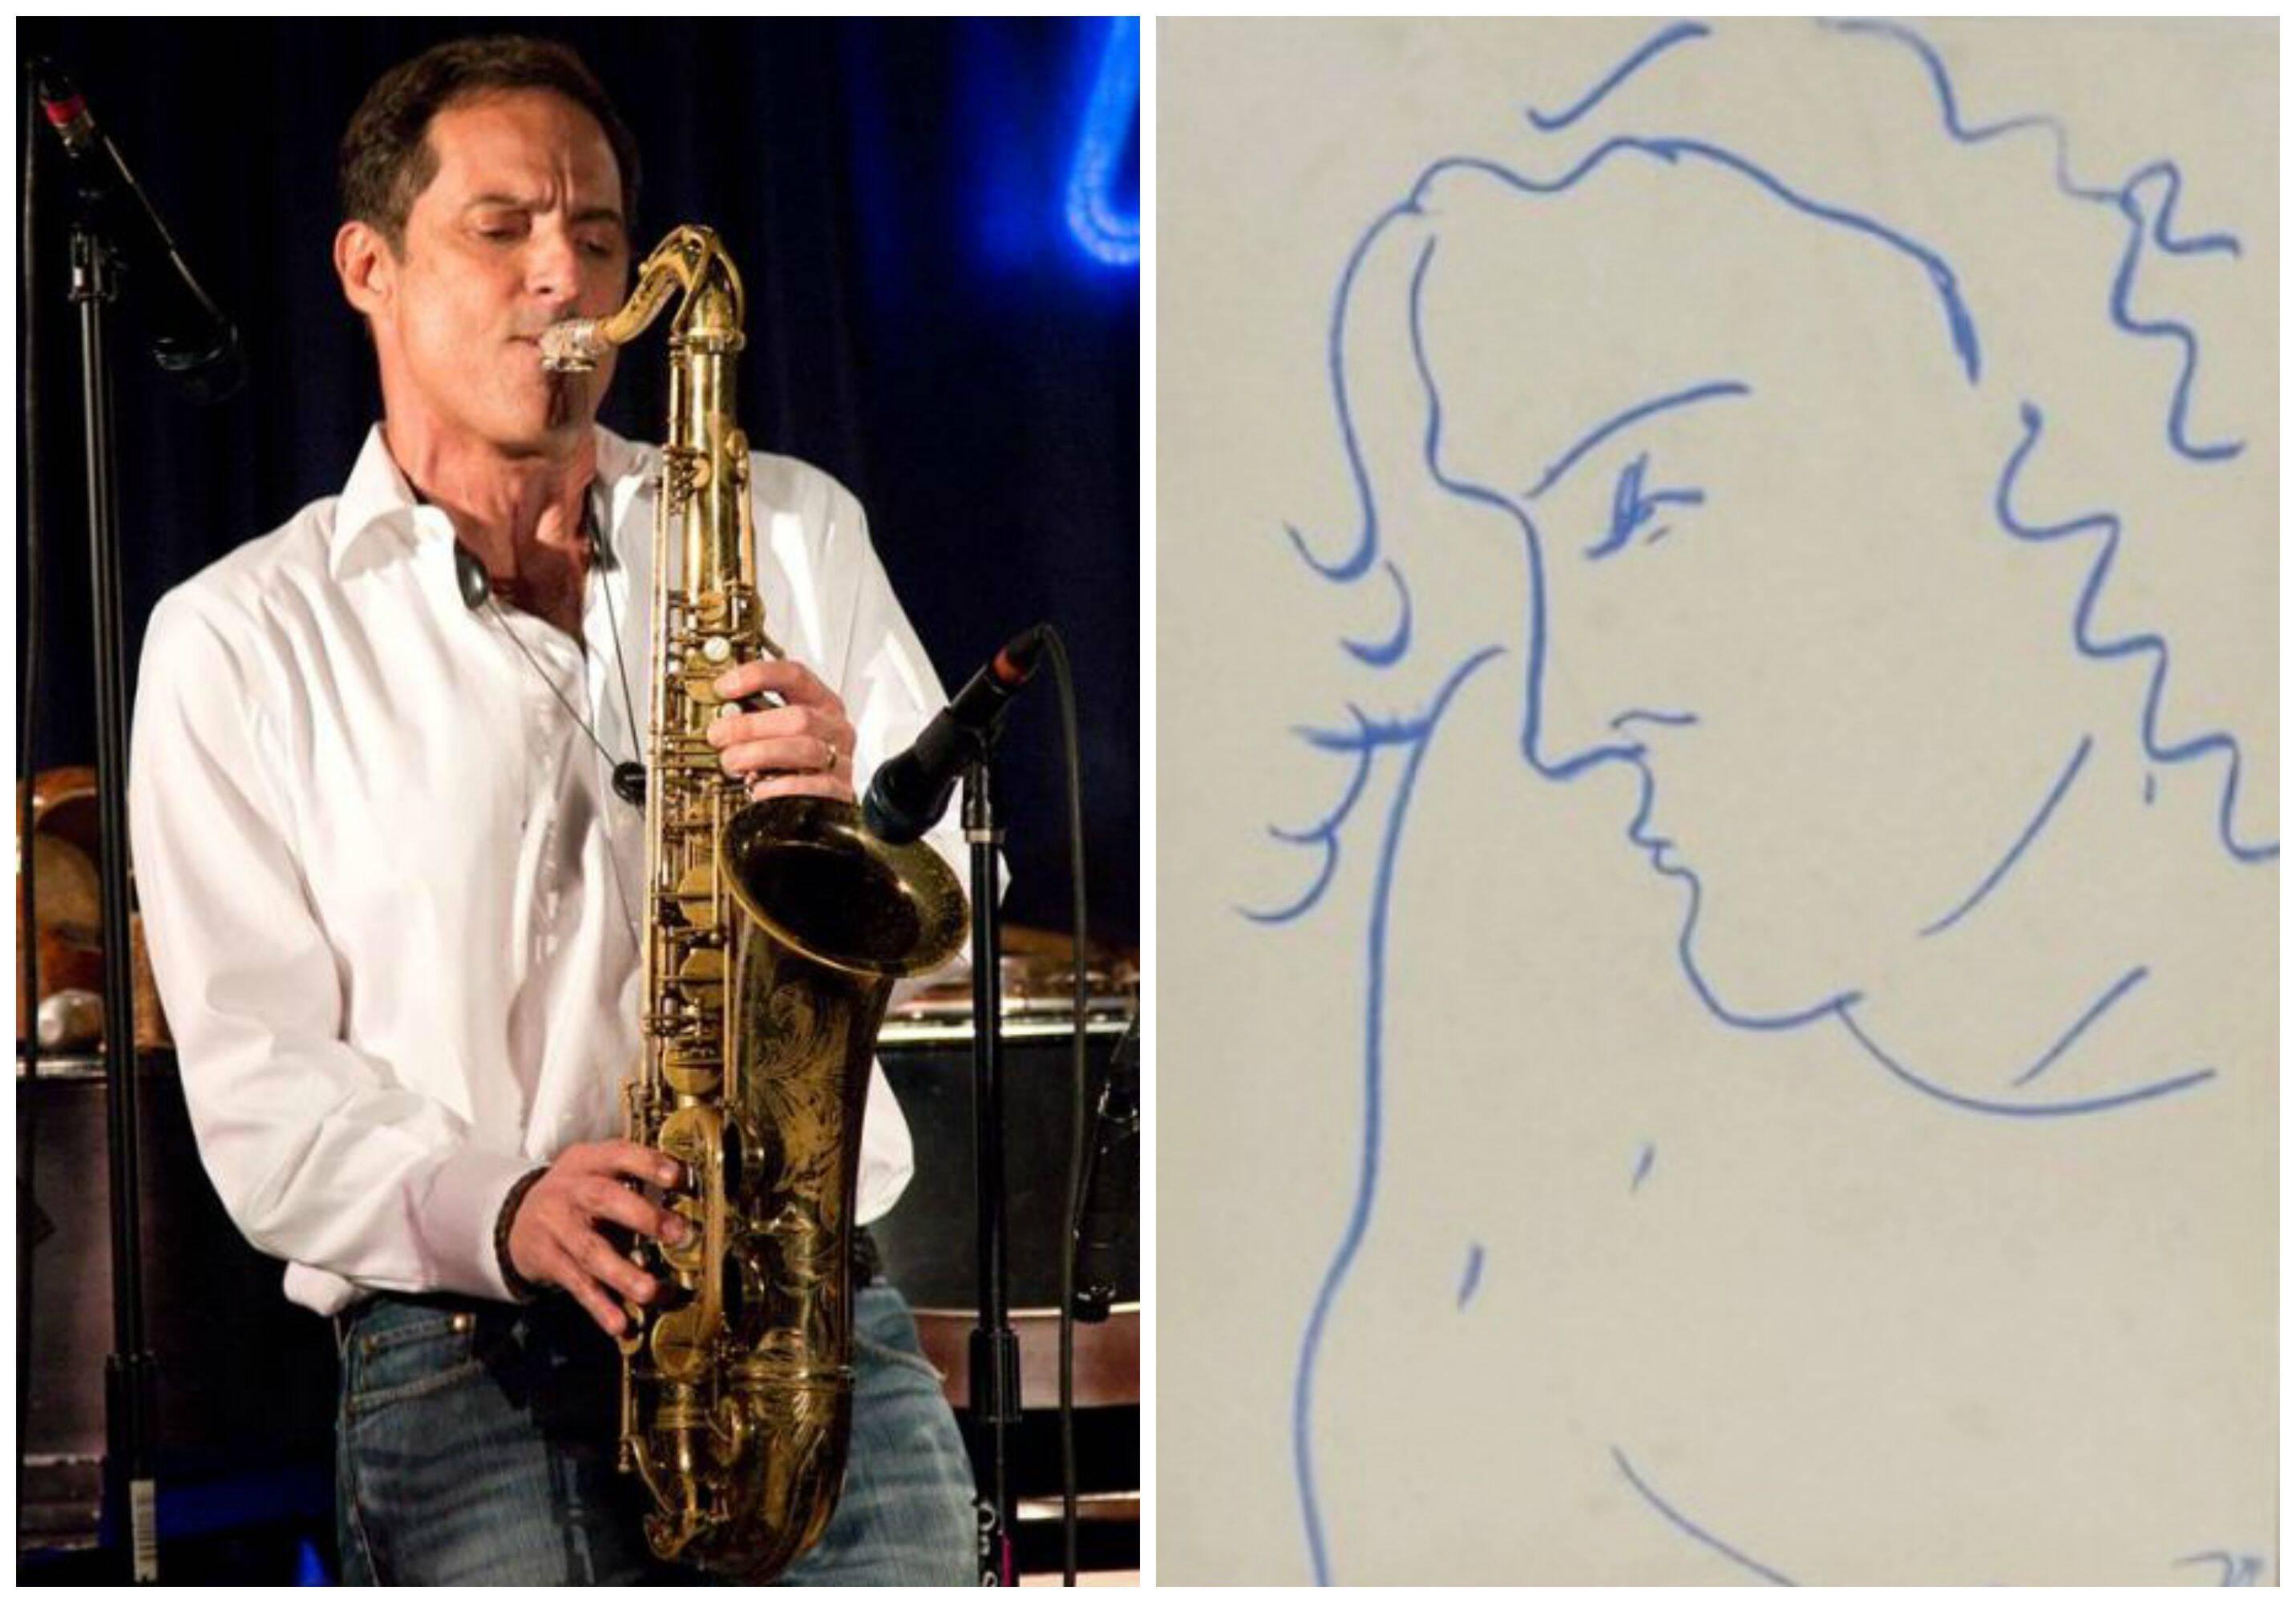 O músico Zé Luiz Oliveira e  o desenho inspirado nele, feito por Jorge Guinle: do acervo de Pedro Duque para o Museu Oscar Niemeyer